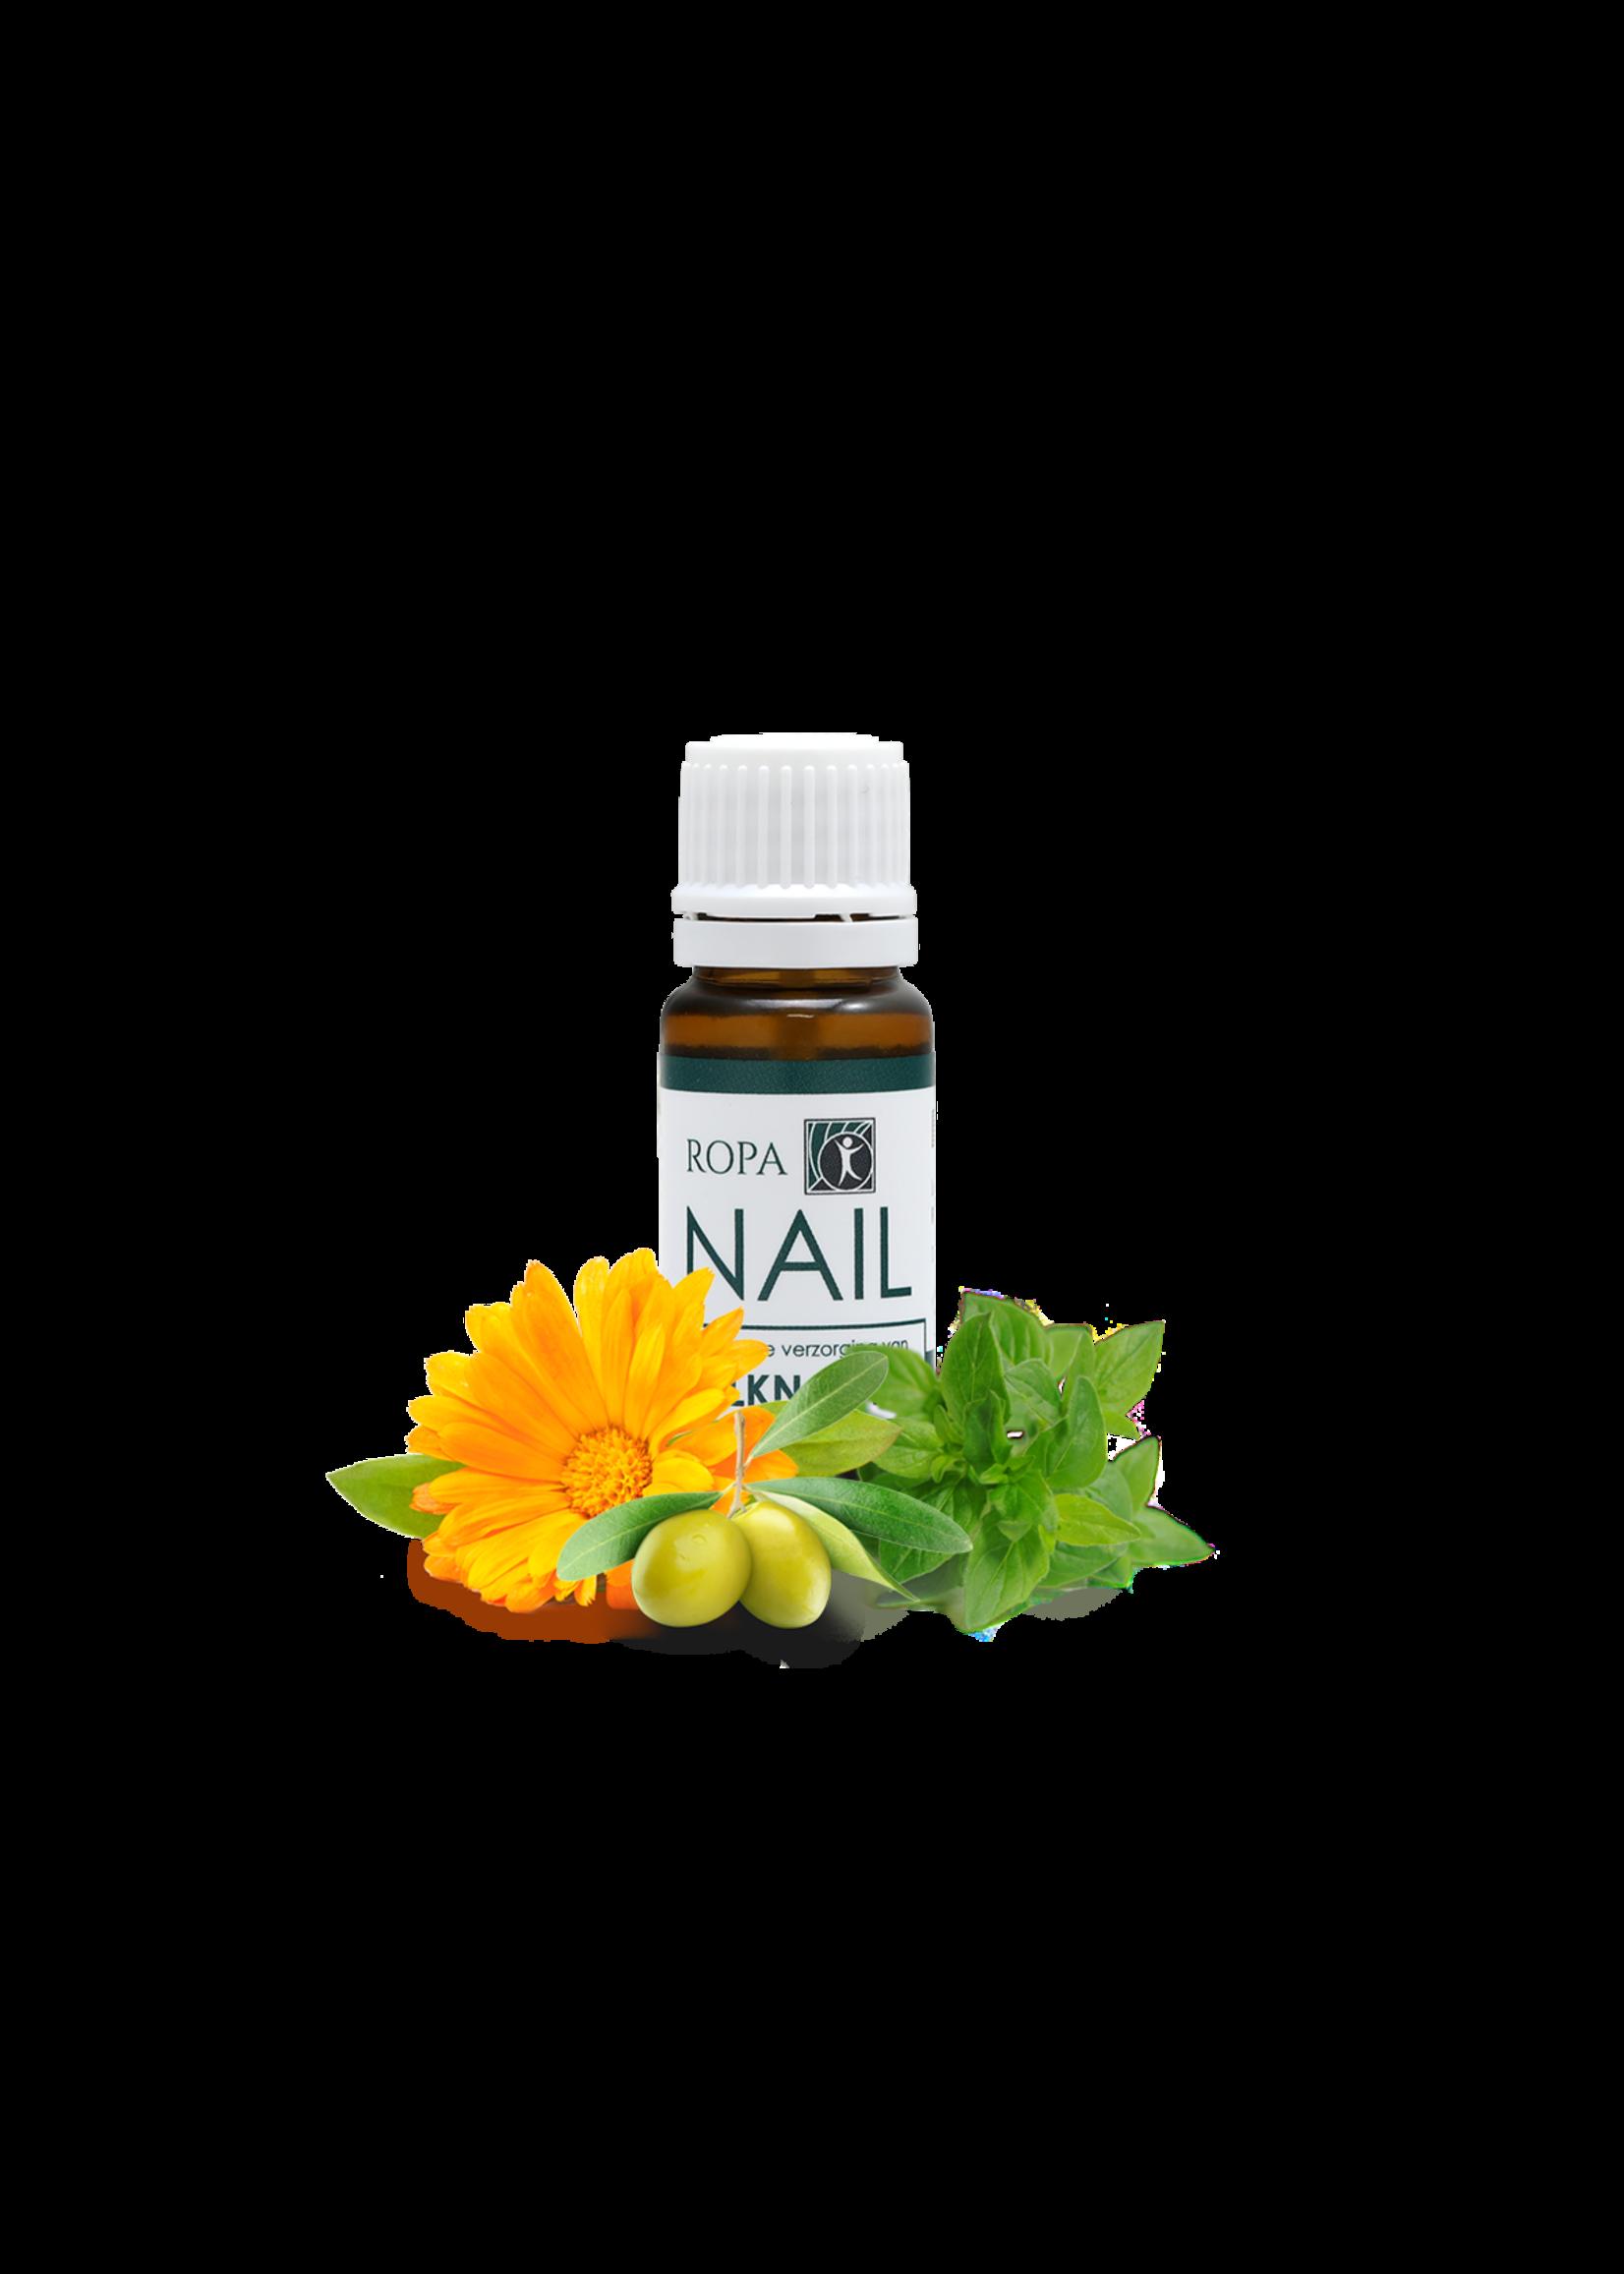 RopaNAIL - 100 % natuurlijke kalknagel olie voor de dagelijkse kalknagel verzorging